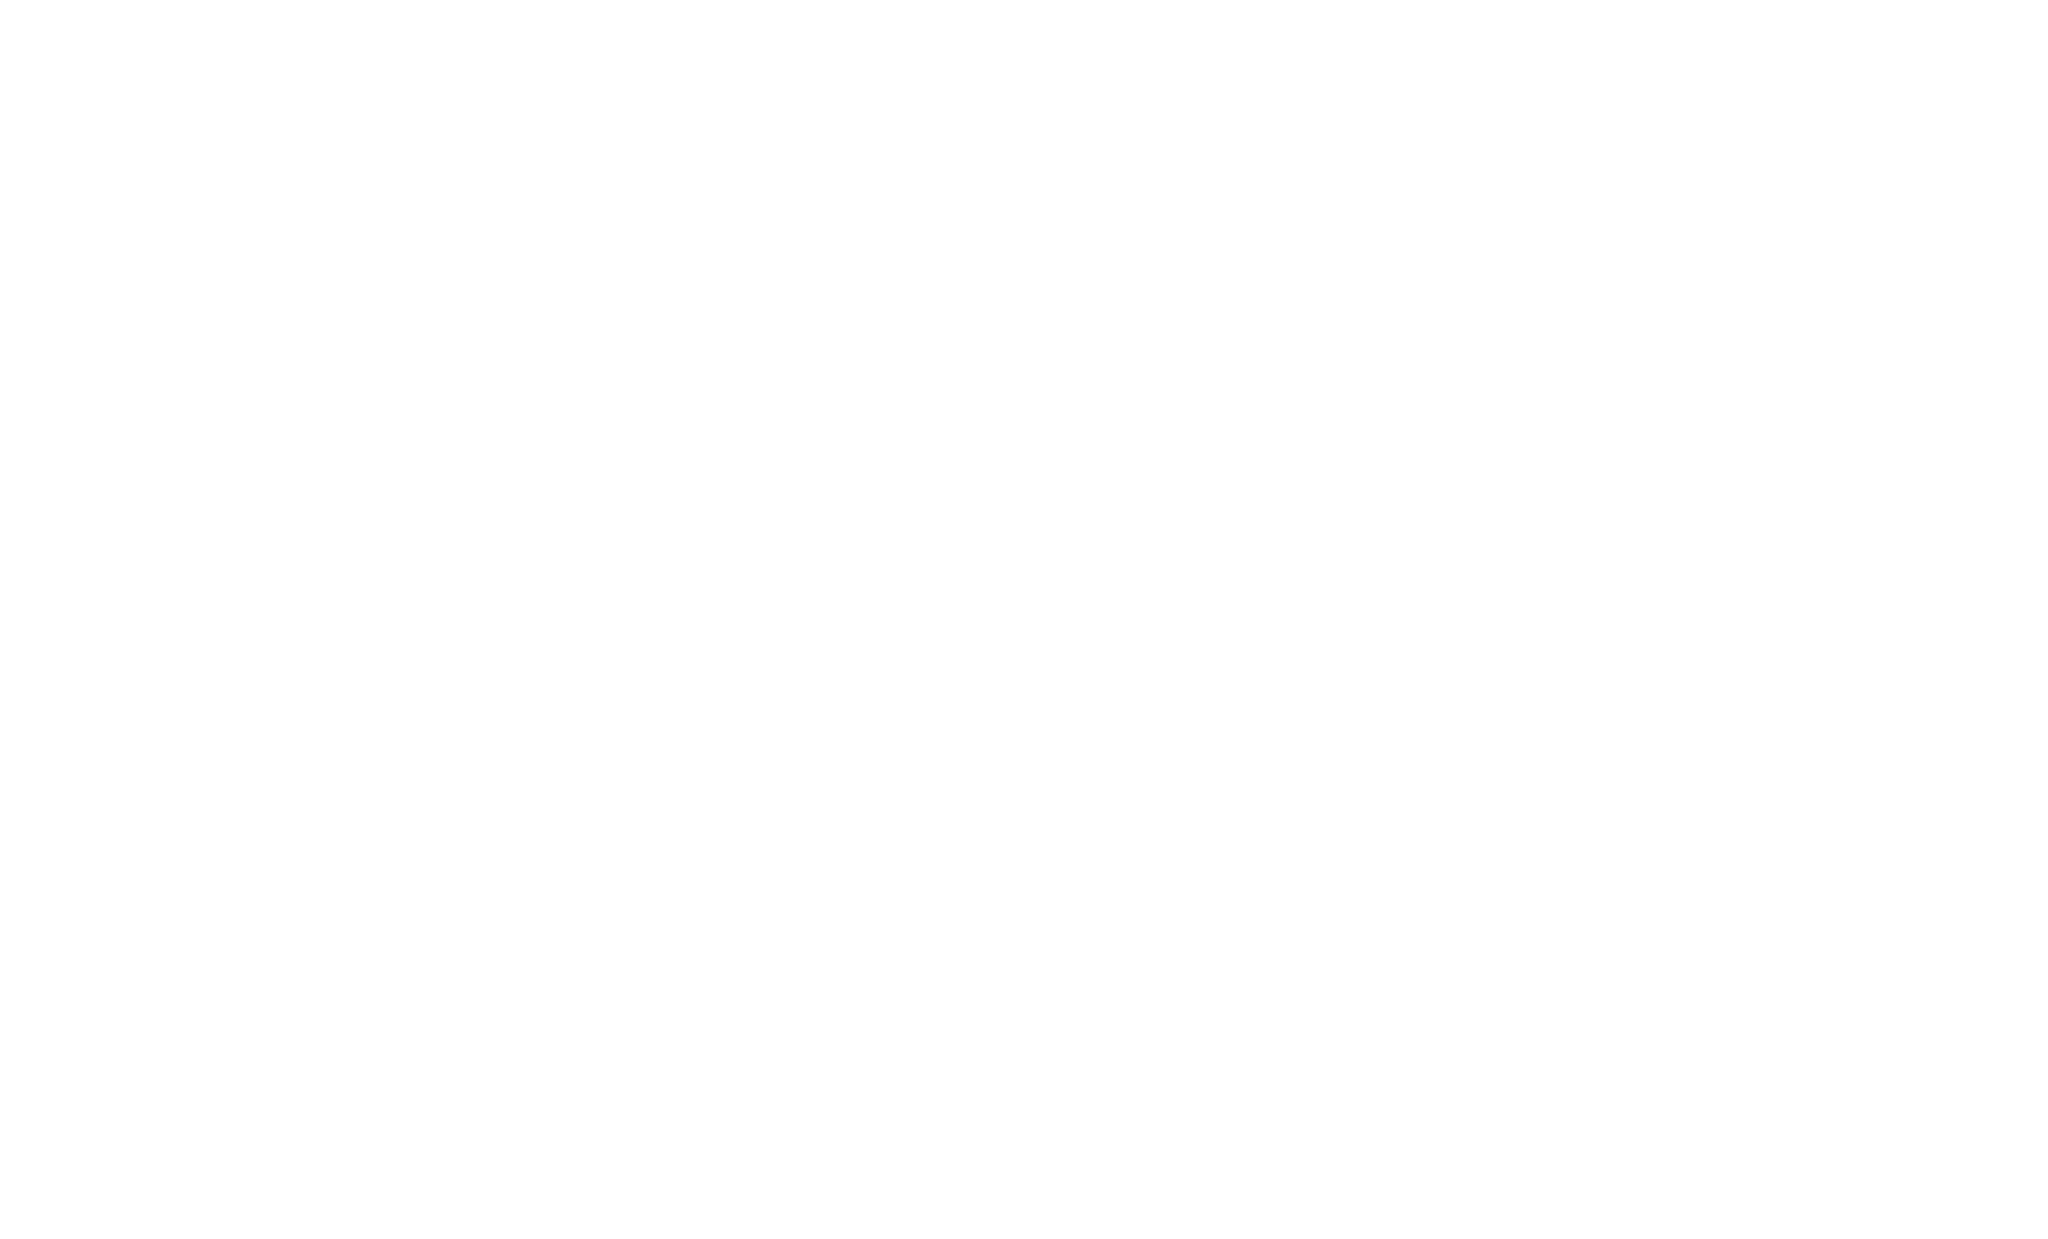 Katarzyna Myślińska - Fotograf Opole